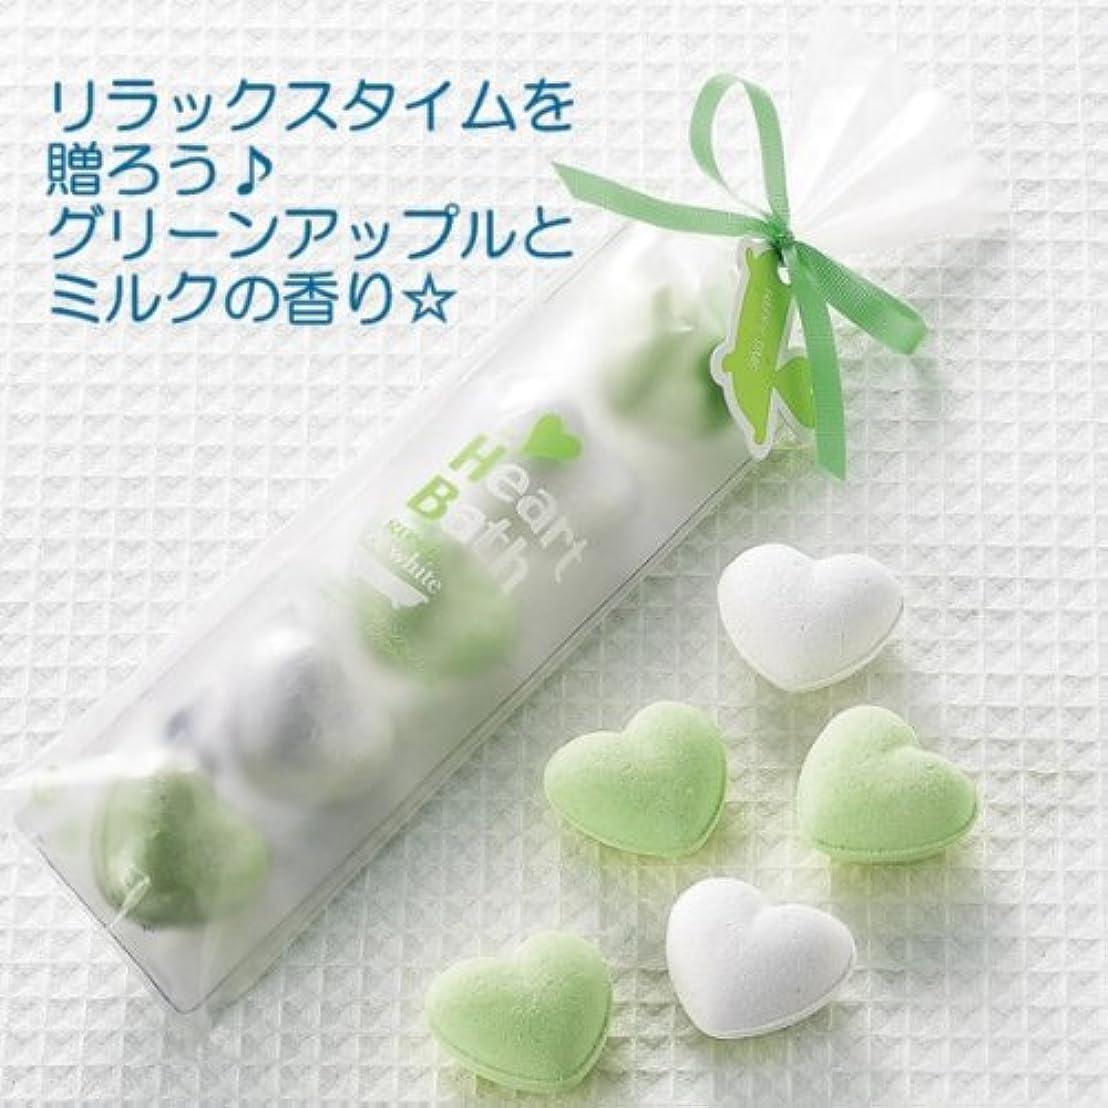 馬鹿げた一時停止キモいハート型の入浴剤グリーンアップル&ミルク